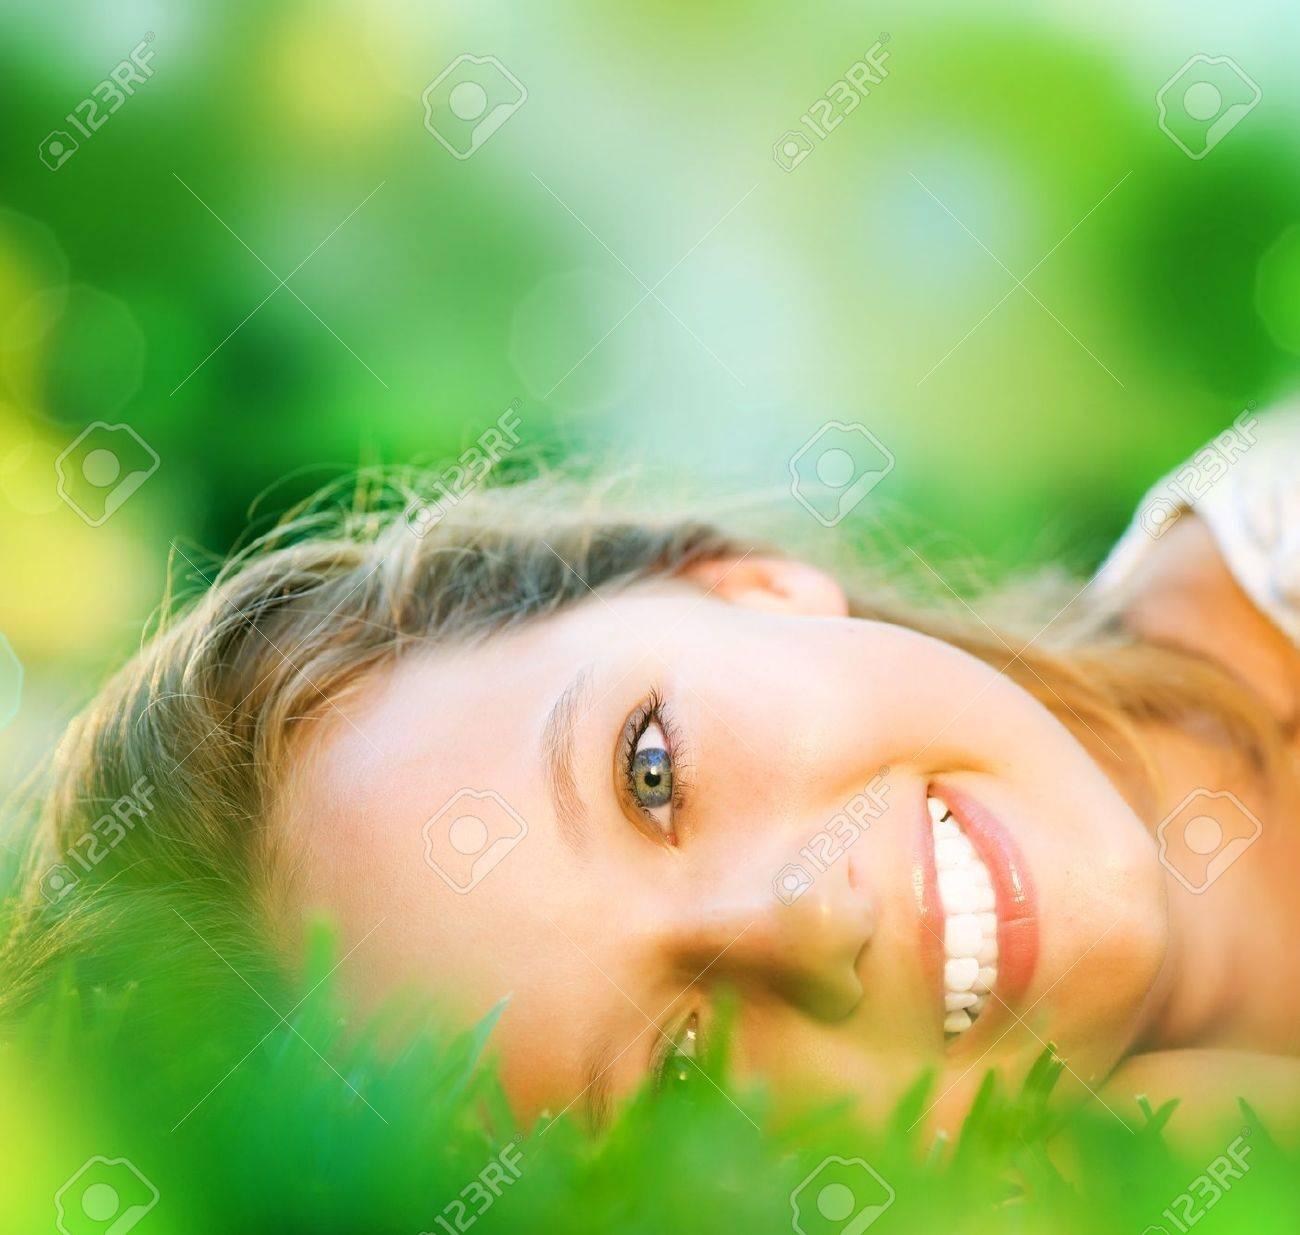 Spring Girl in Green Grass - 13549917